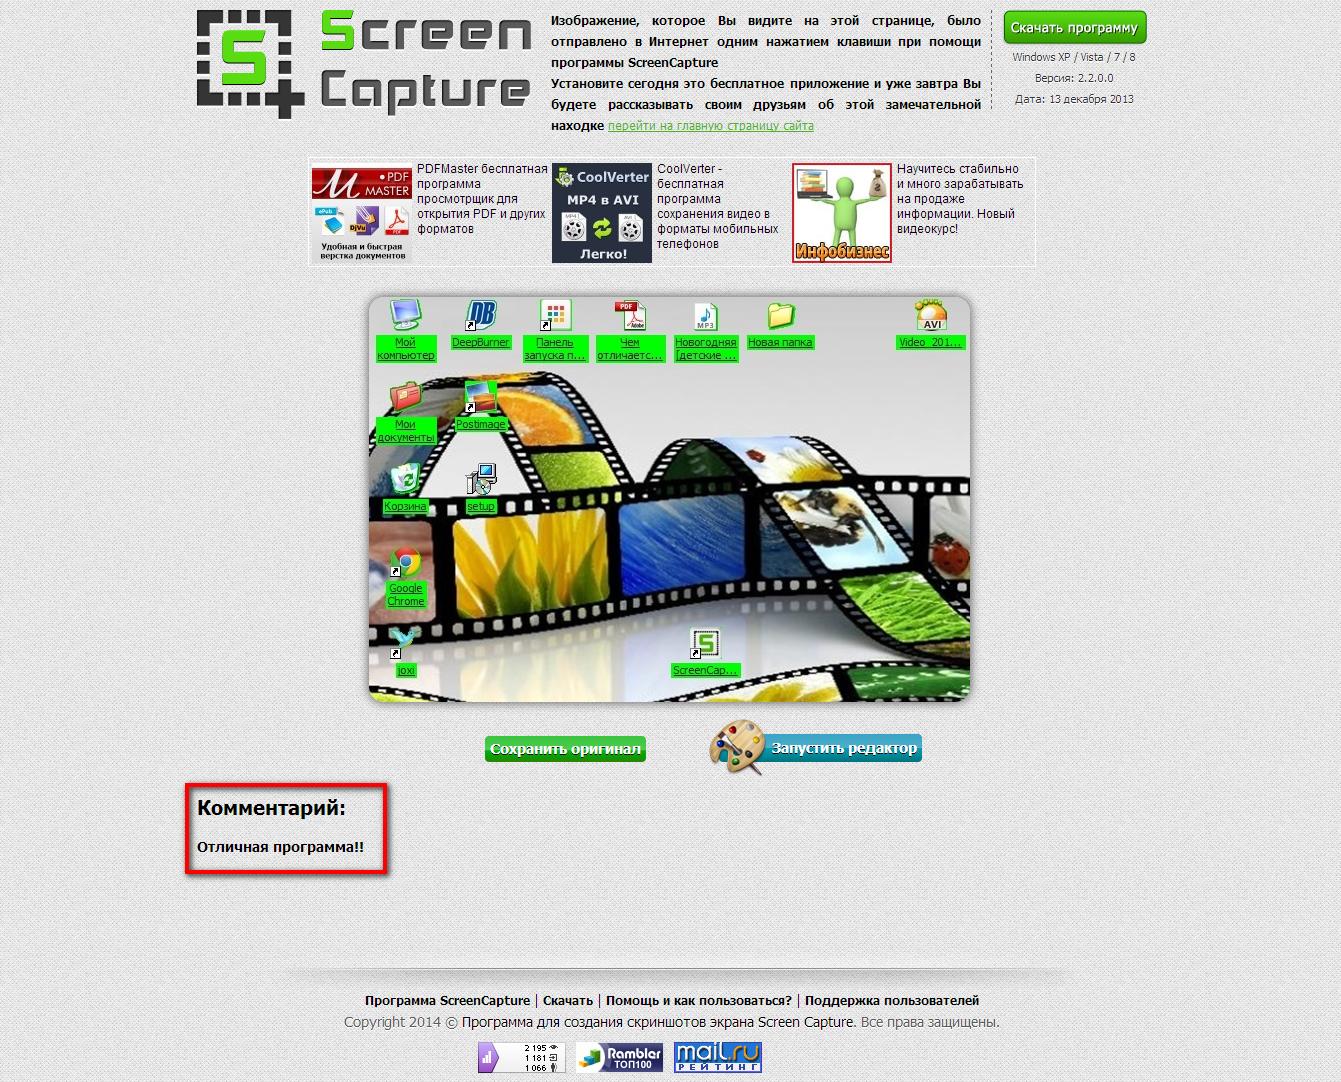 Скриншот-снимок экрана